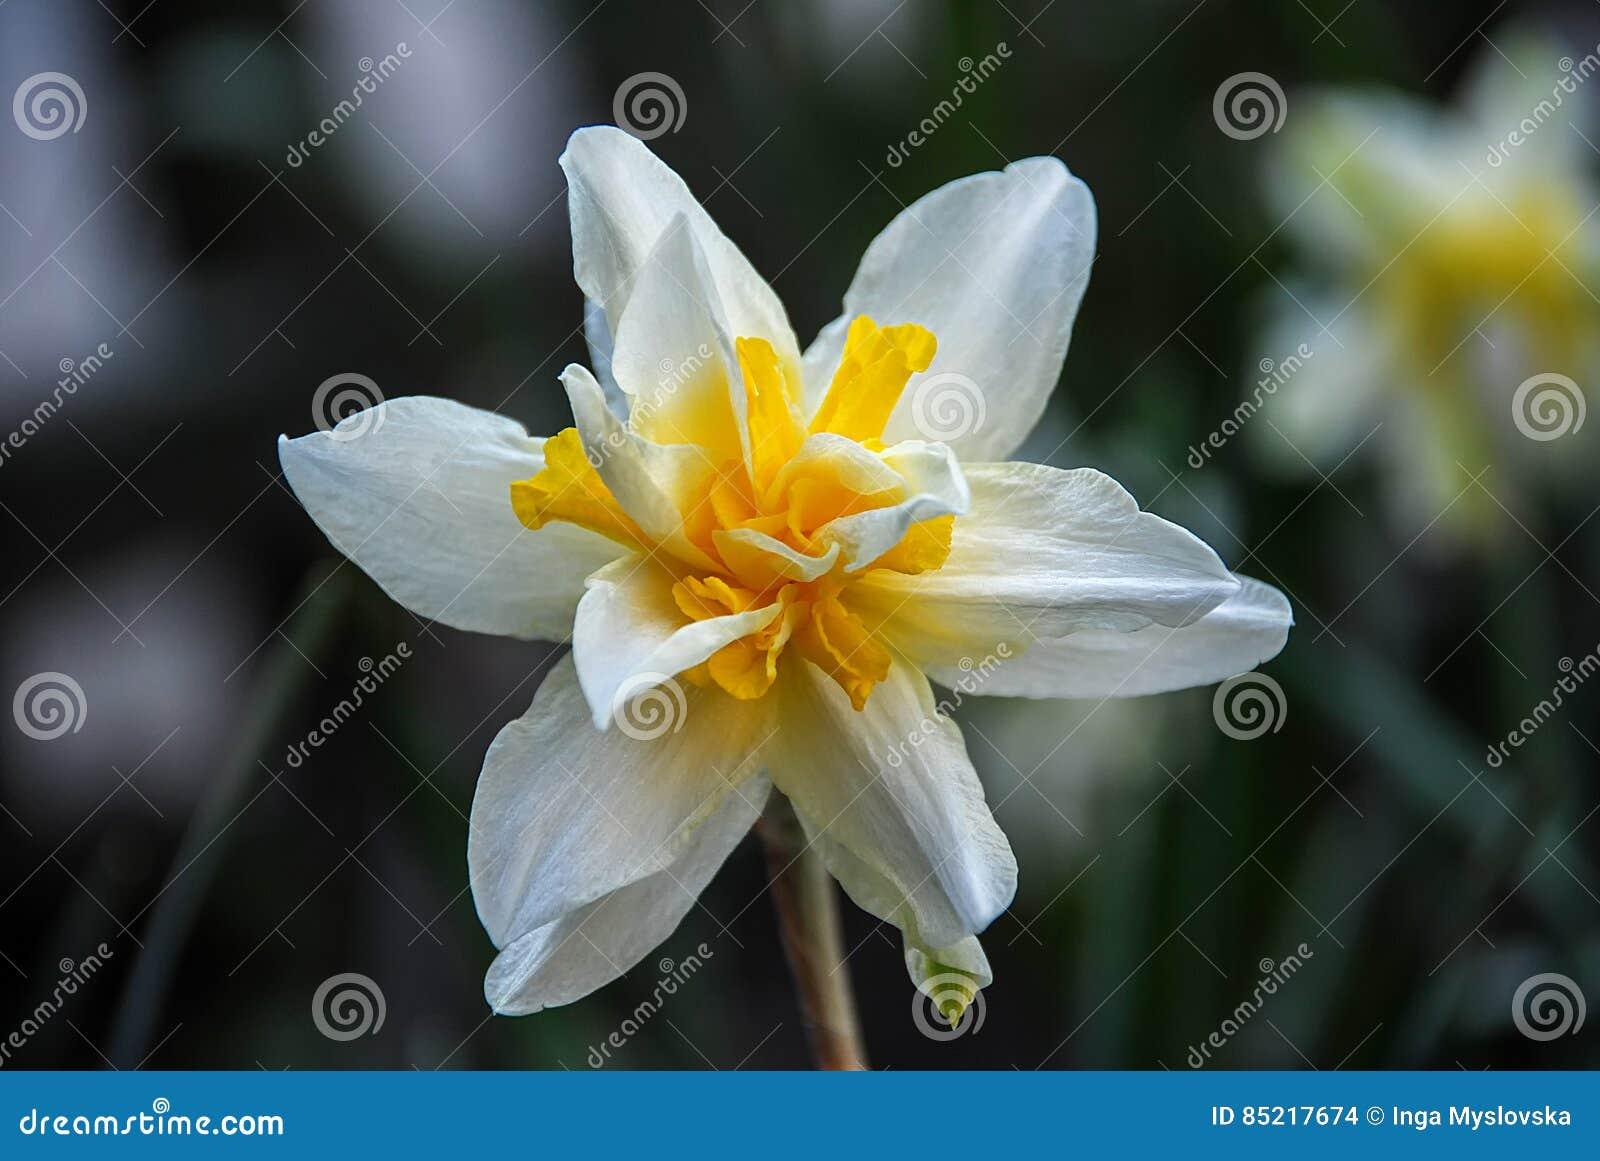 Большой белый оранжевый цветок daffodil